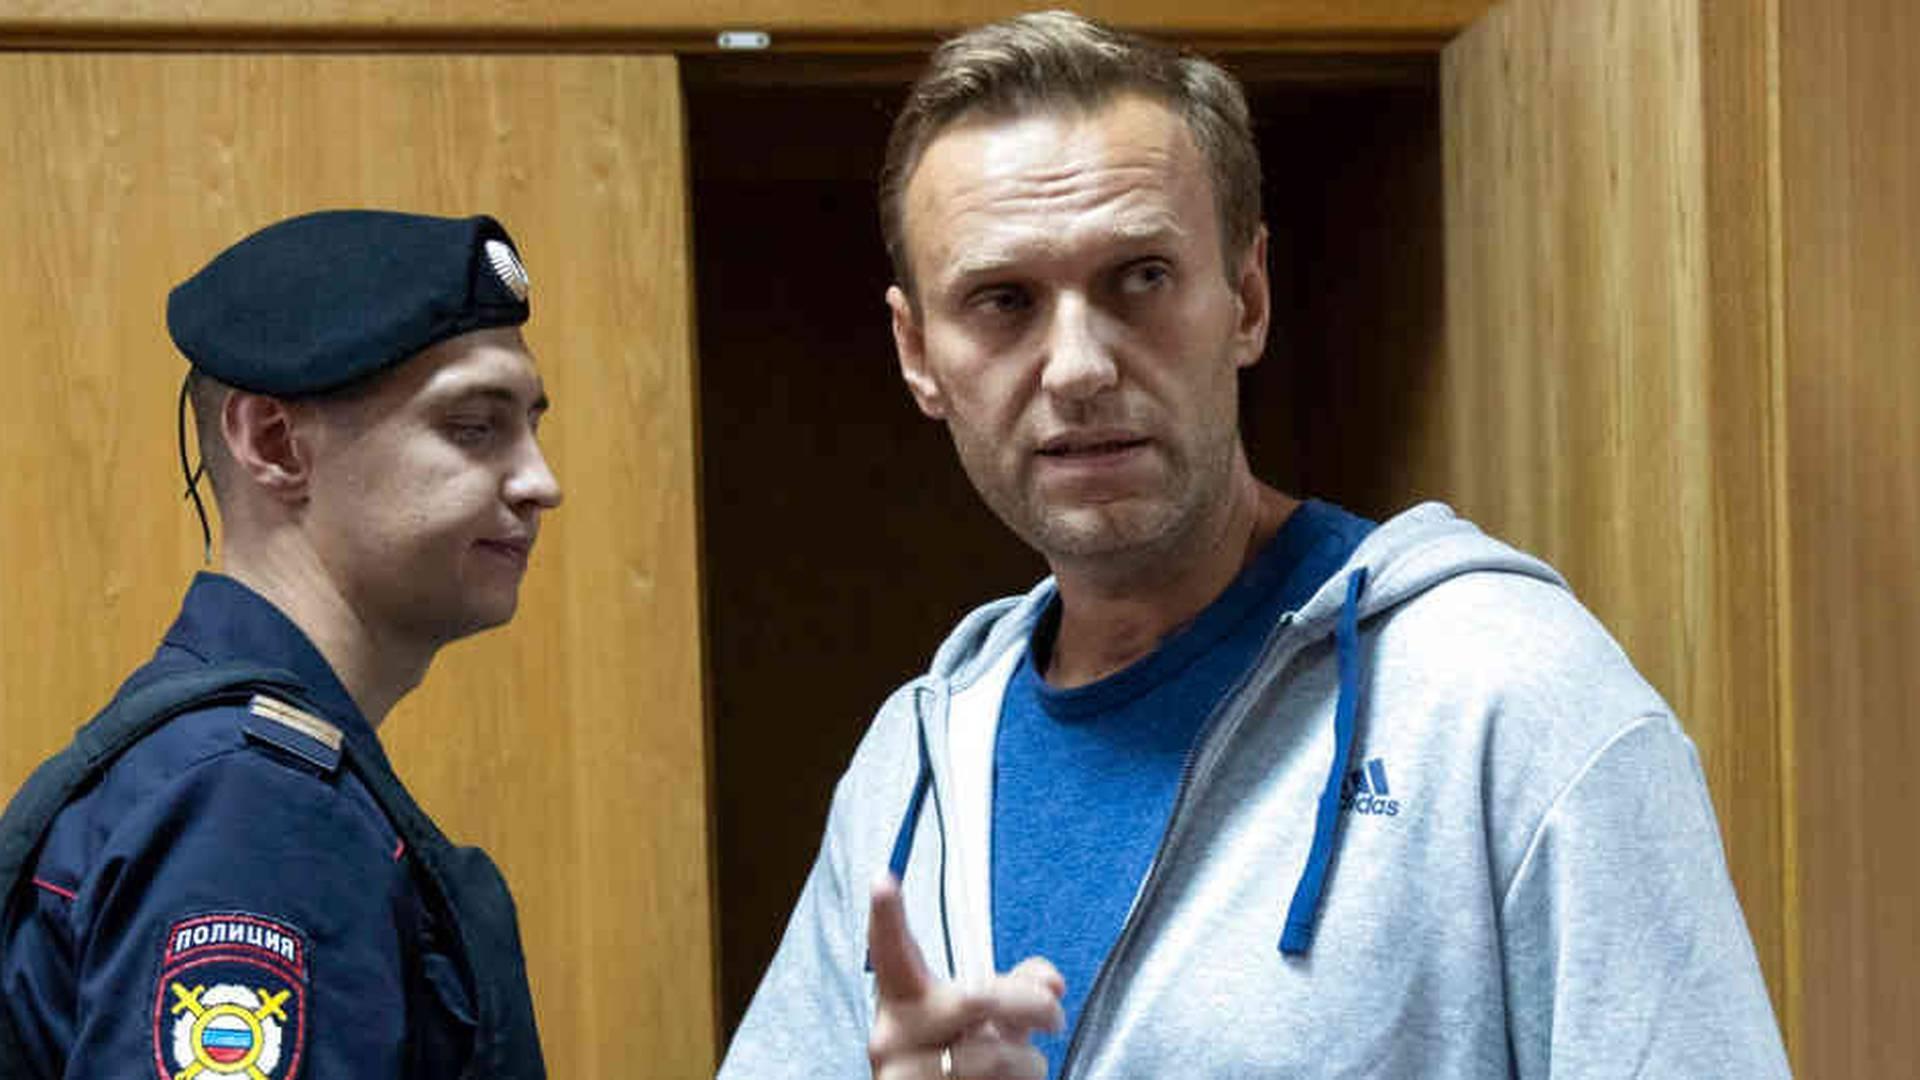 Caso Navalni: encuentran veneno en botella del hotel donde estuvo el  opositor ruso